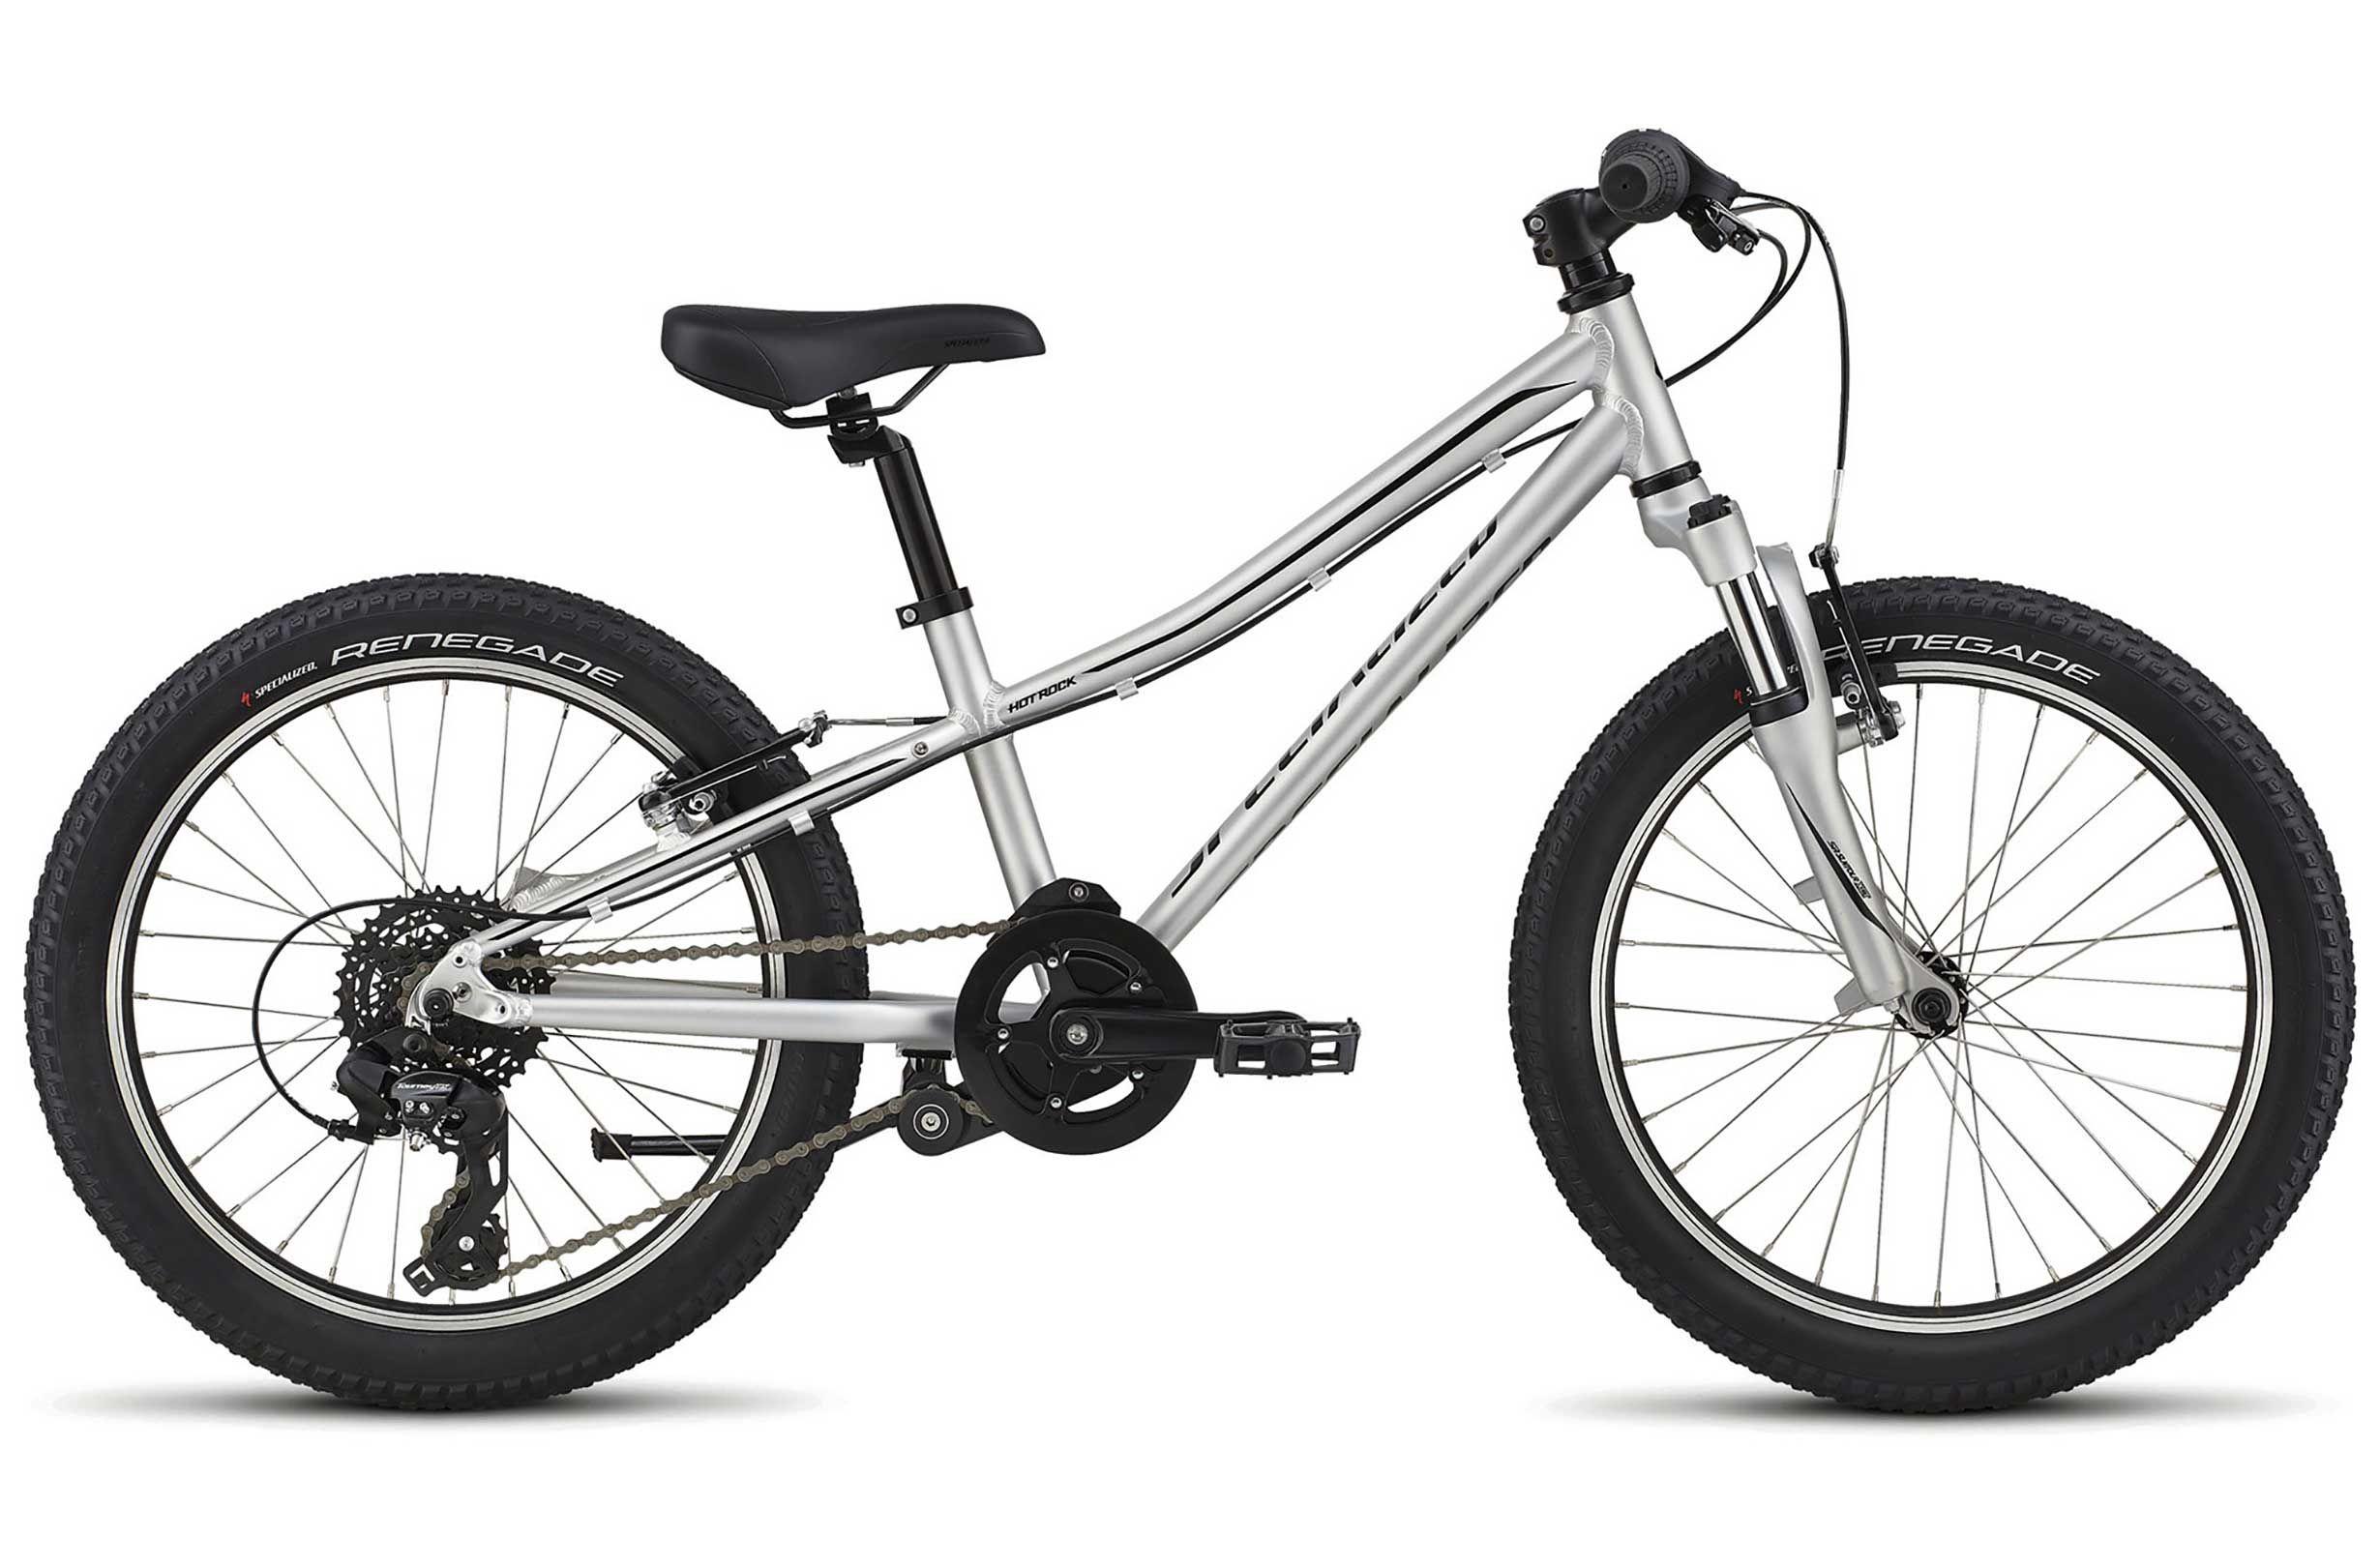 Specialized Hotrock 20 2020 Kids Mountain Bike | Kids ...